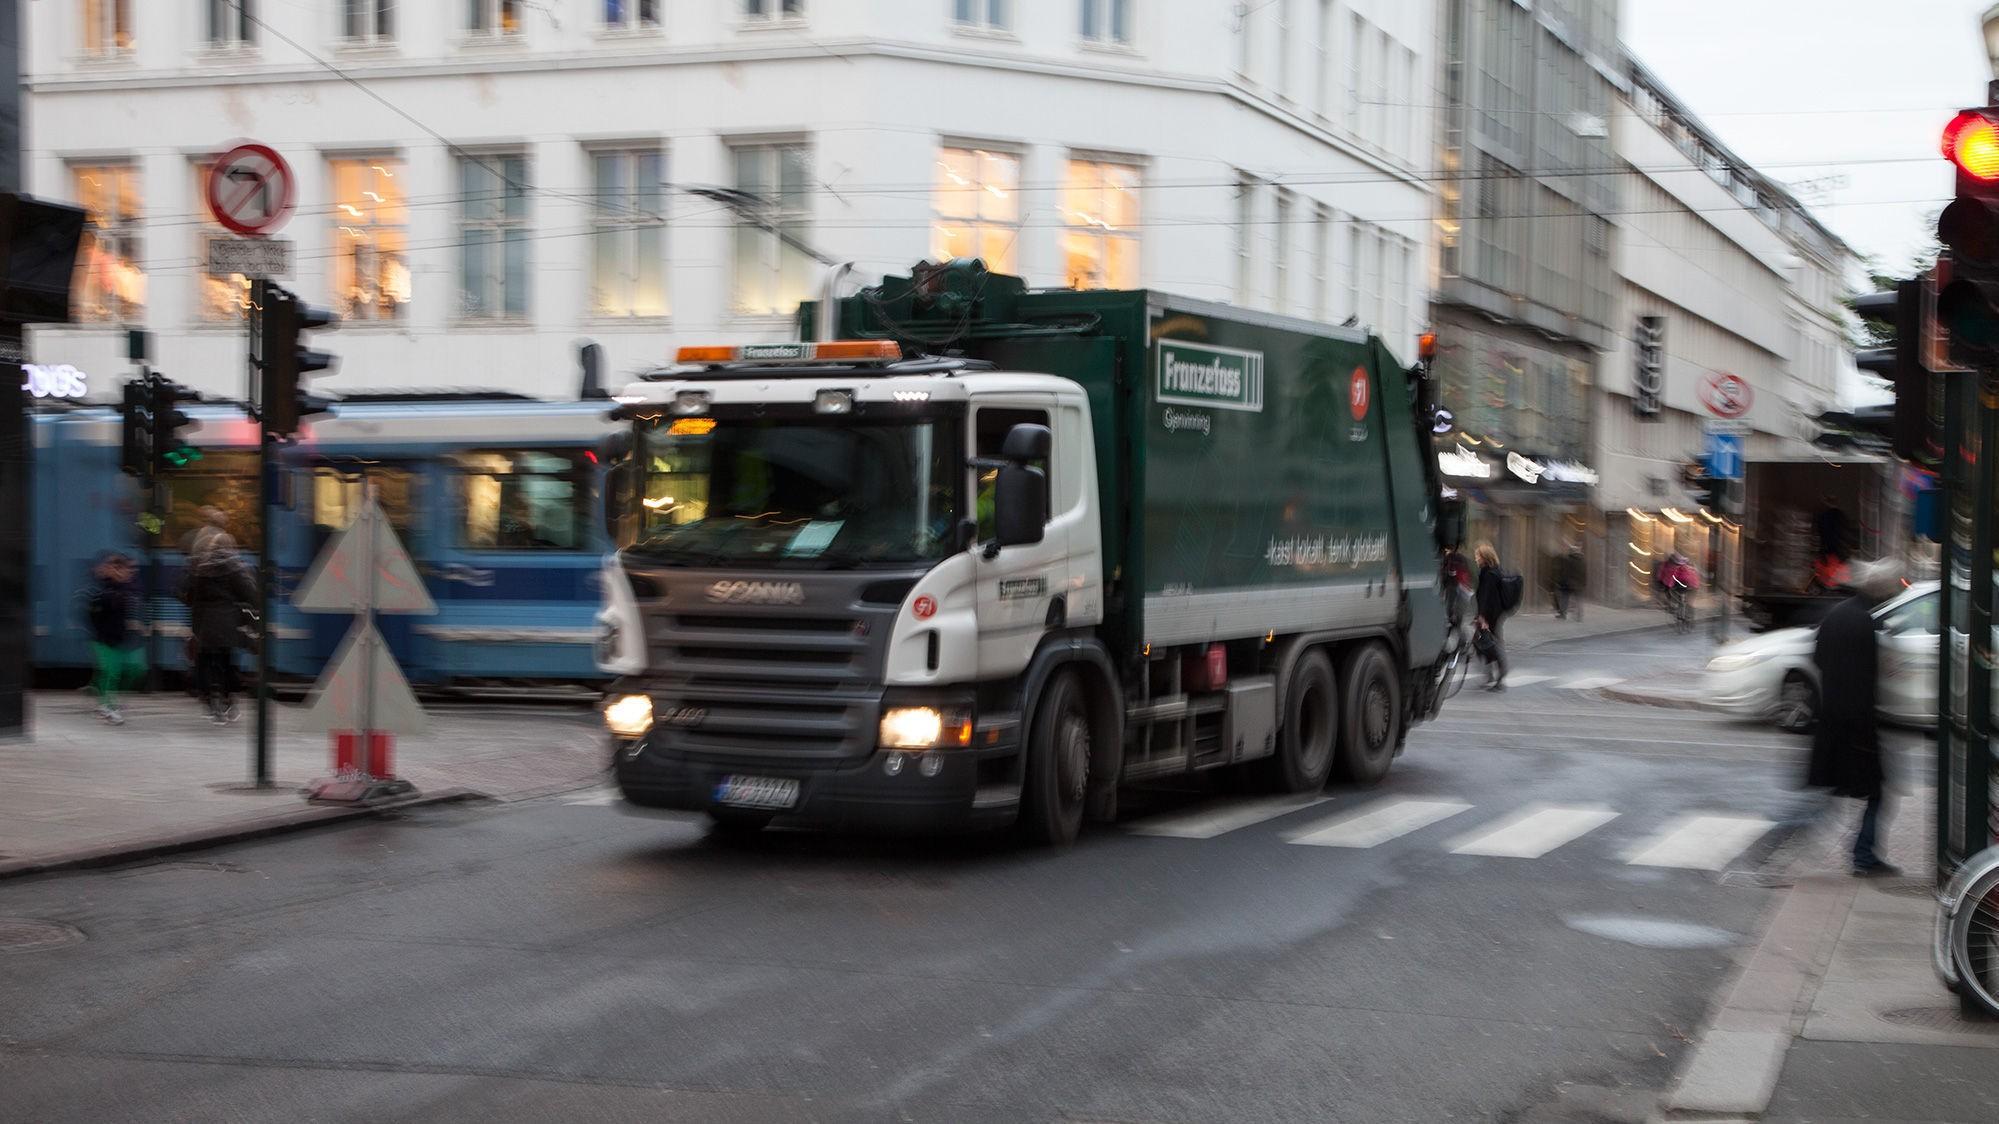 FÅ PRIVATBILER: Den store majoriteten av trafikk innenfor Ring 1 er i dag kjøretøyer som også i fremtiden skal slippe frem - inkludert buss, lastebiler og taxi.